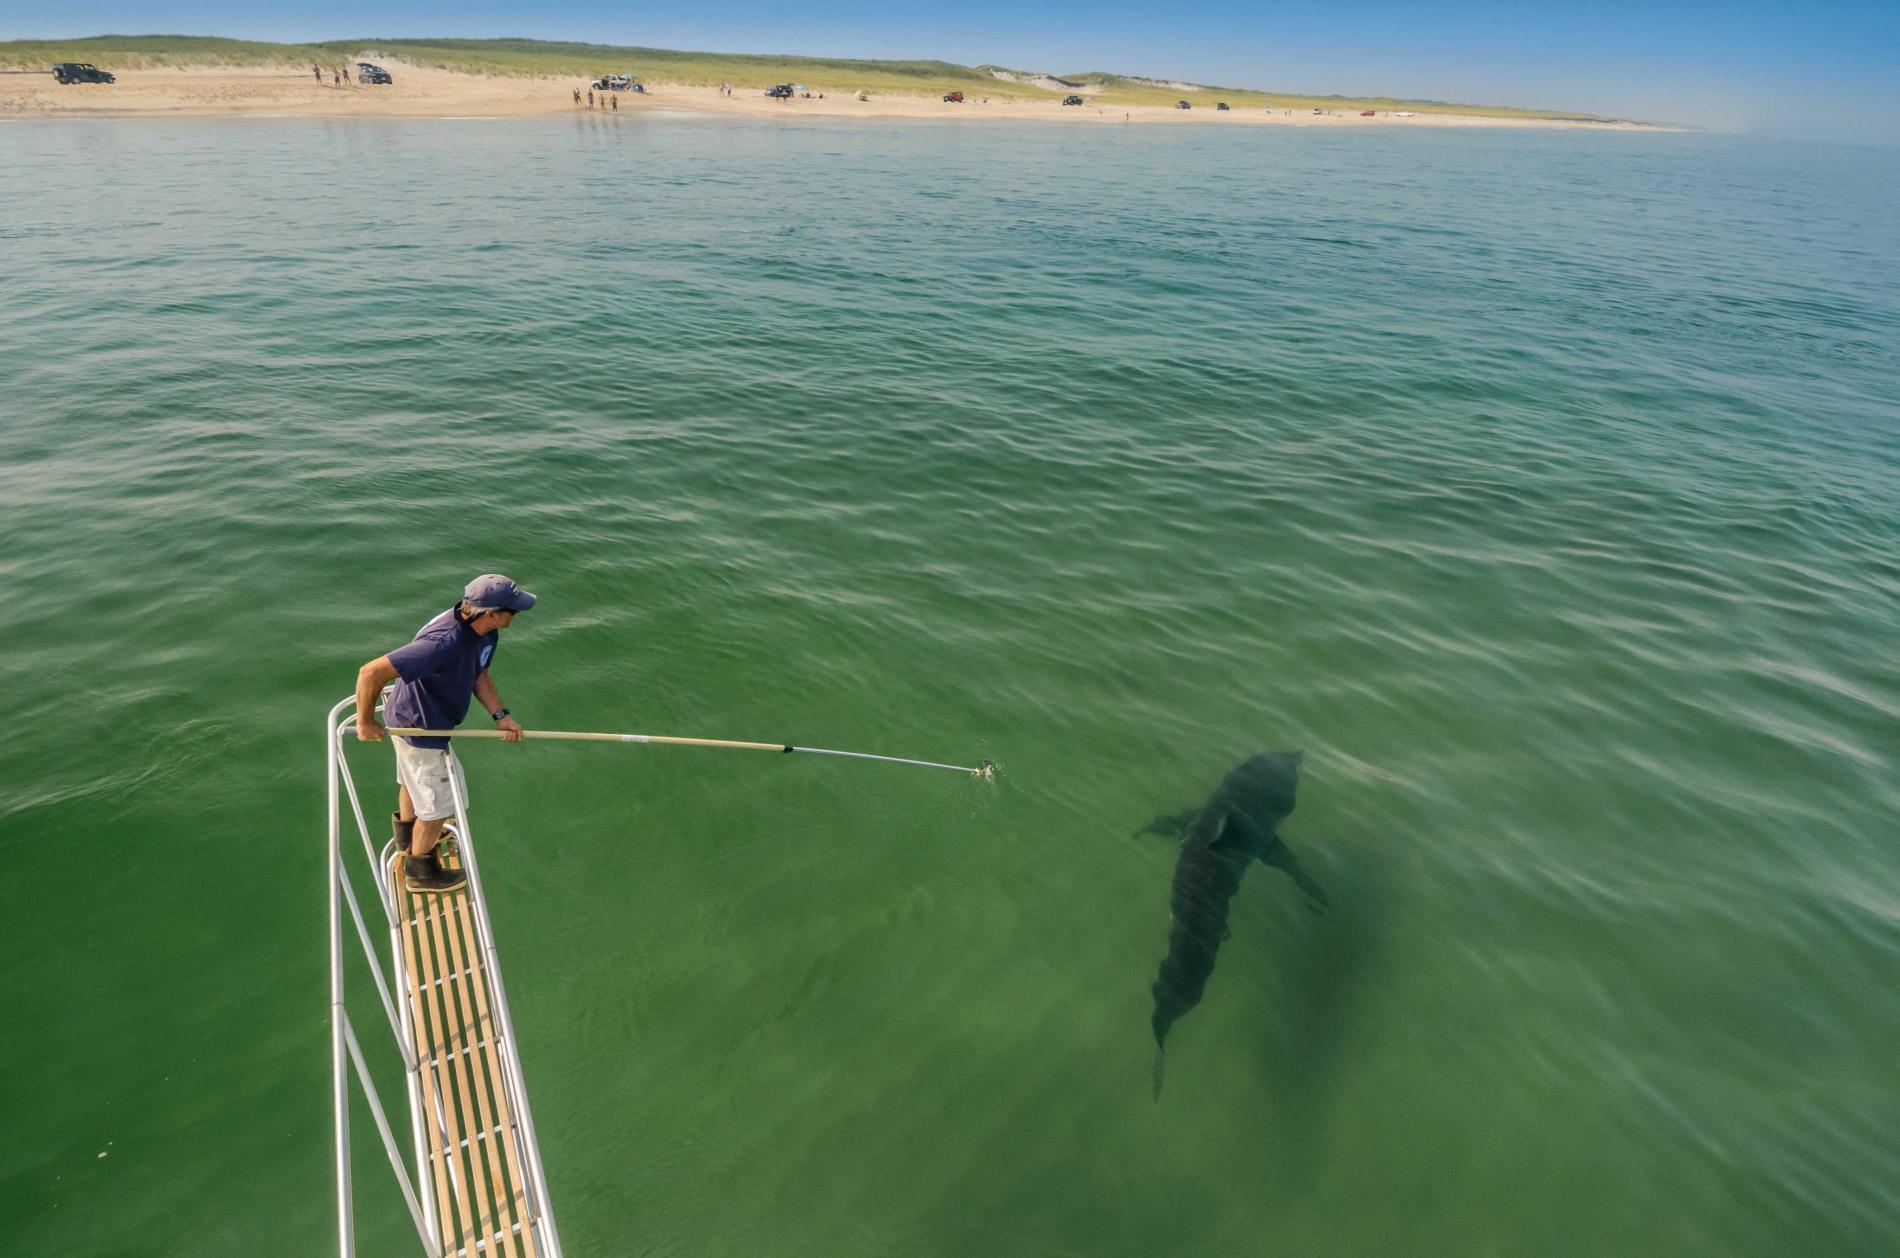 Con cá rất đẹp đột ngột mất tích và cuộc săn tìm đàn cá mập trắng lớn nhất thế giới - Ảnh 7.